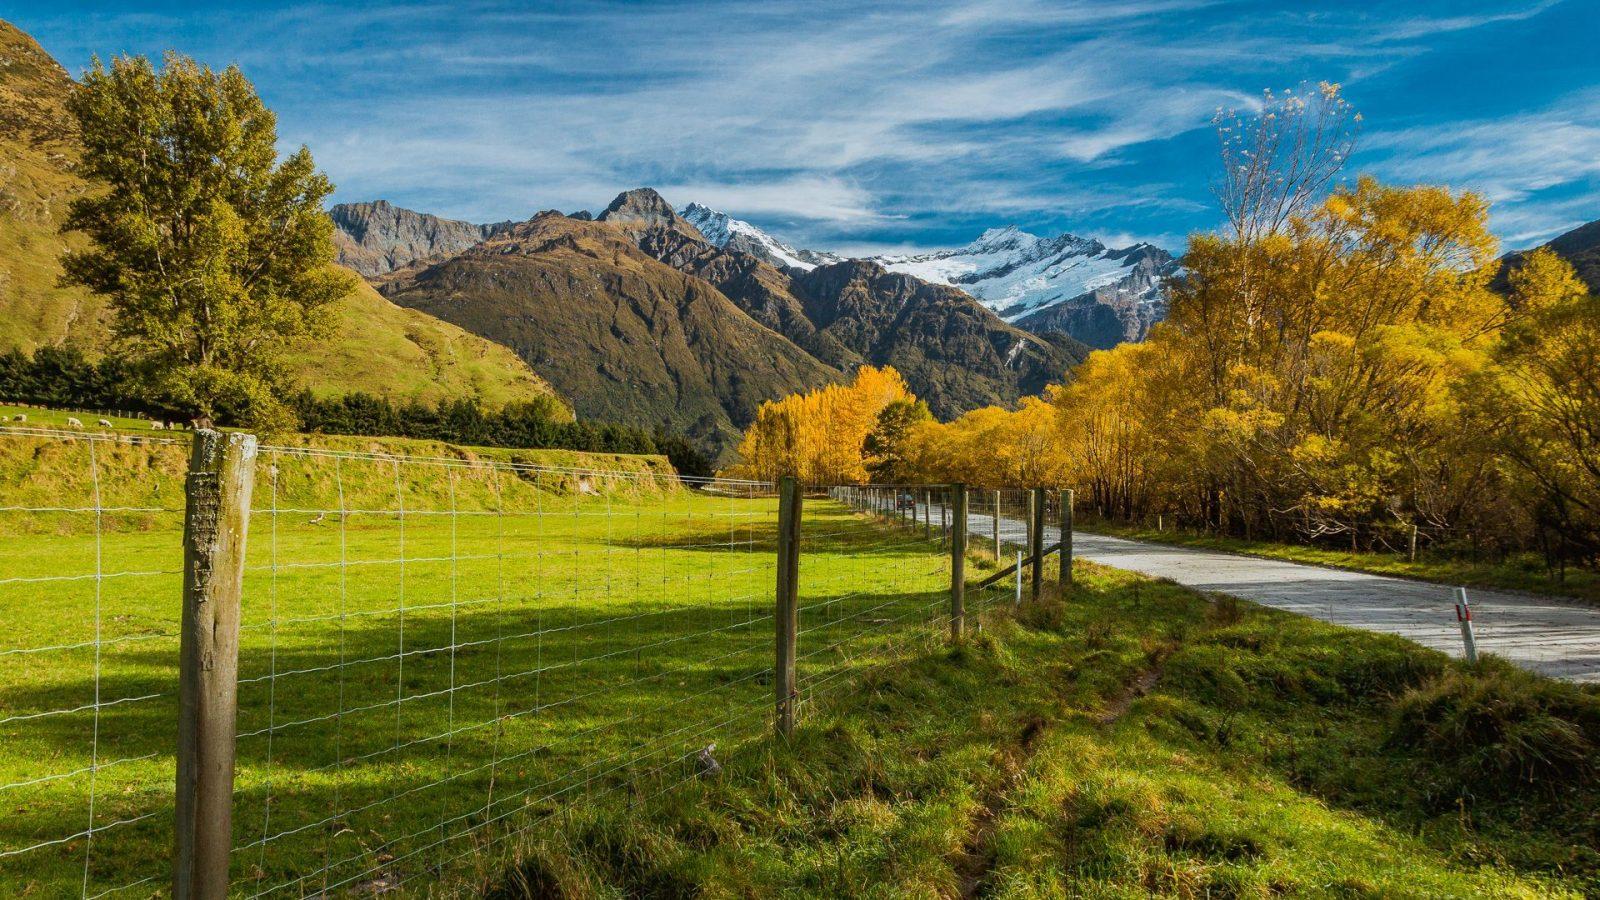 Novozélandskou krajinu jako kdyby někdo nakreslil...